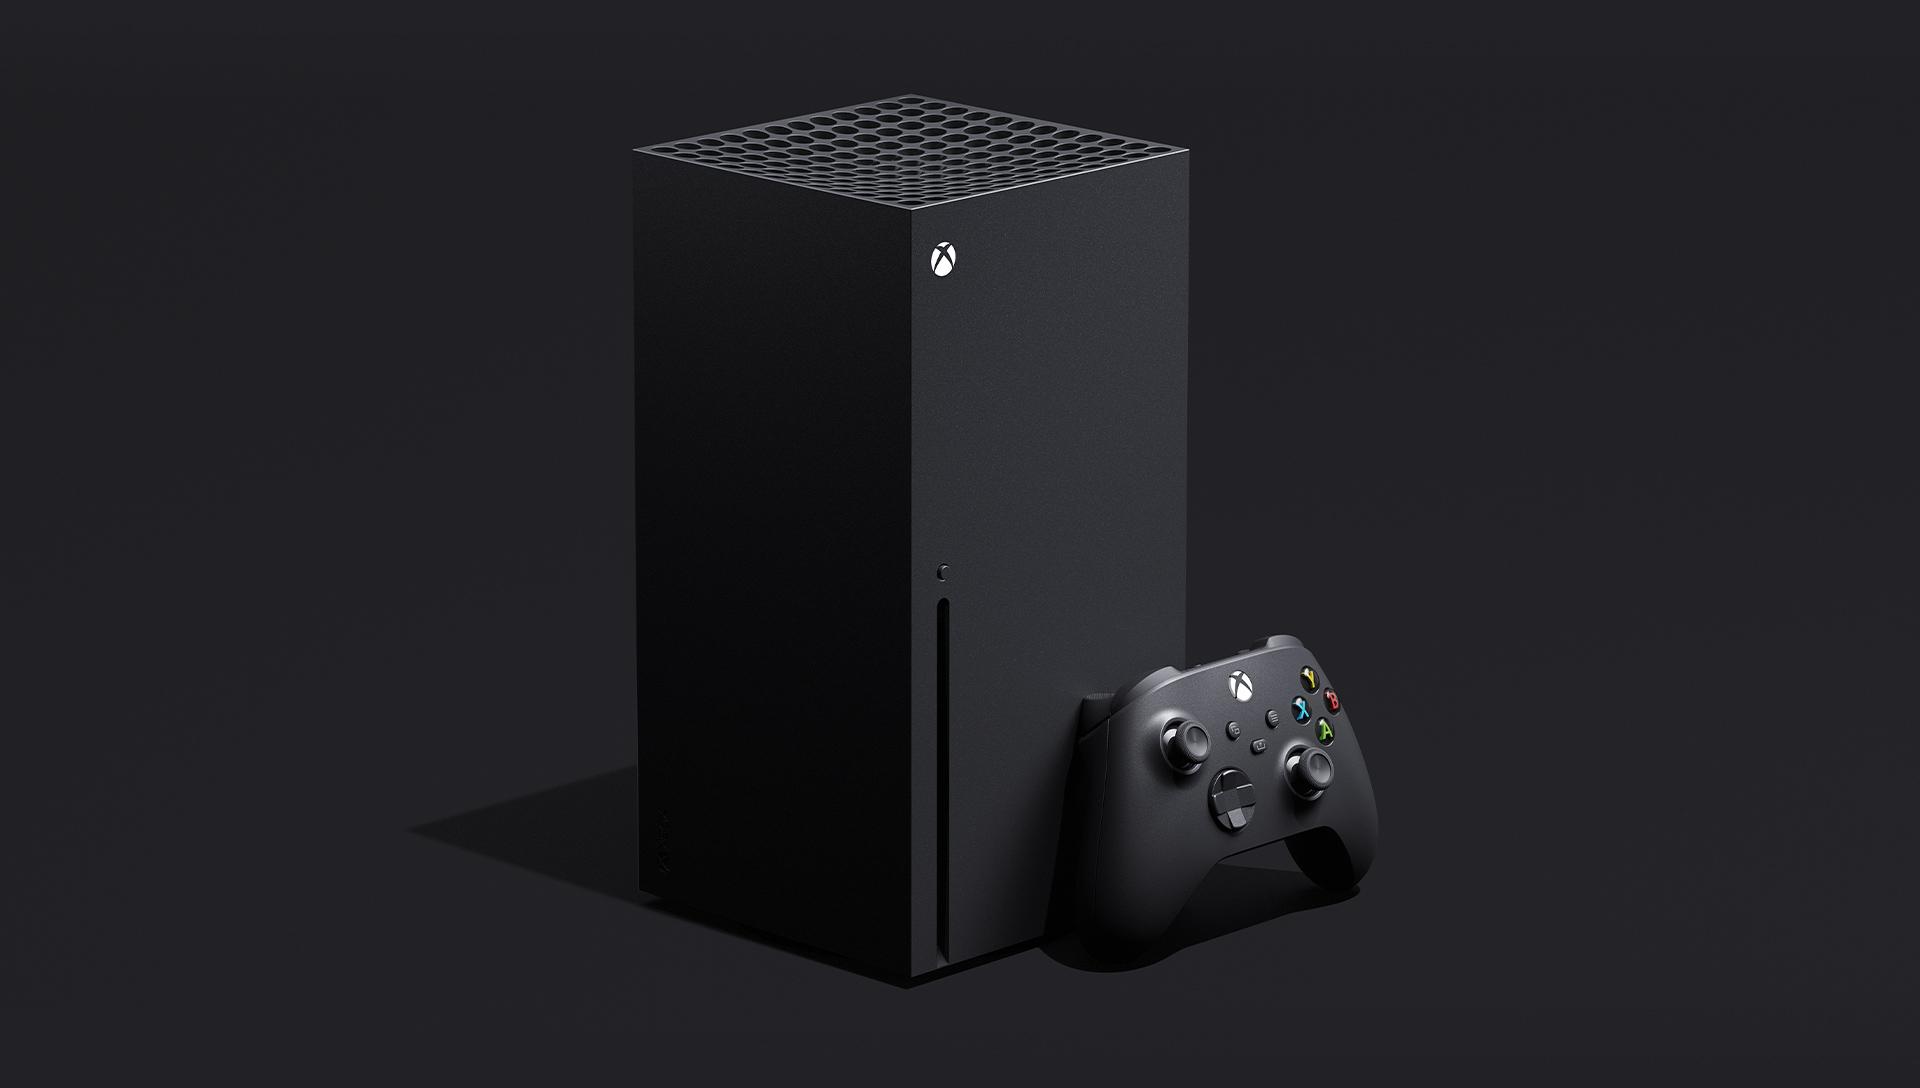 Xbox Series X : 12 TFlops, Smart Delivery, Game Pass, Microsoft donne des détails